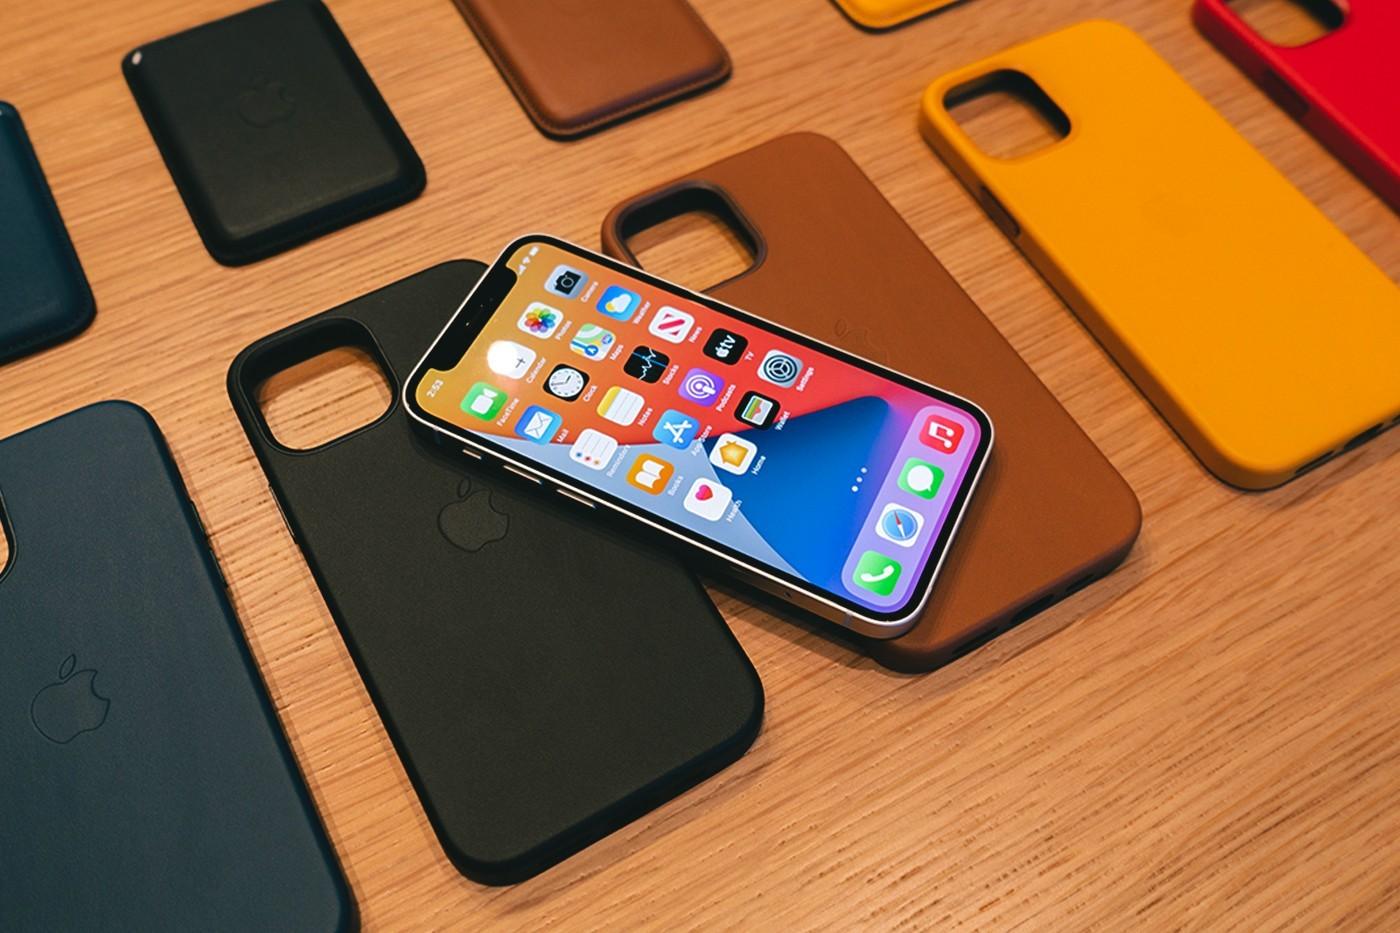 苹果推出iPhone 12 Studio进行MagSafe保护壳和钱包定制